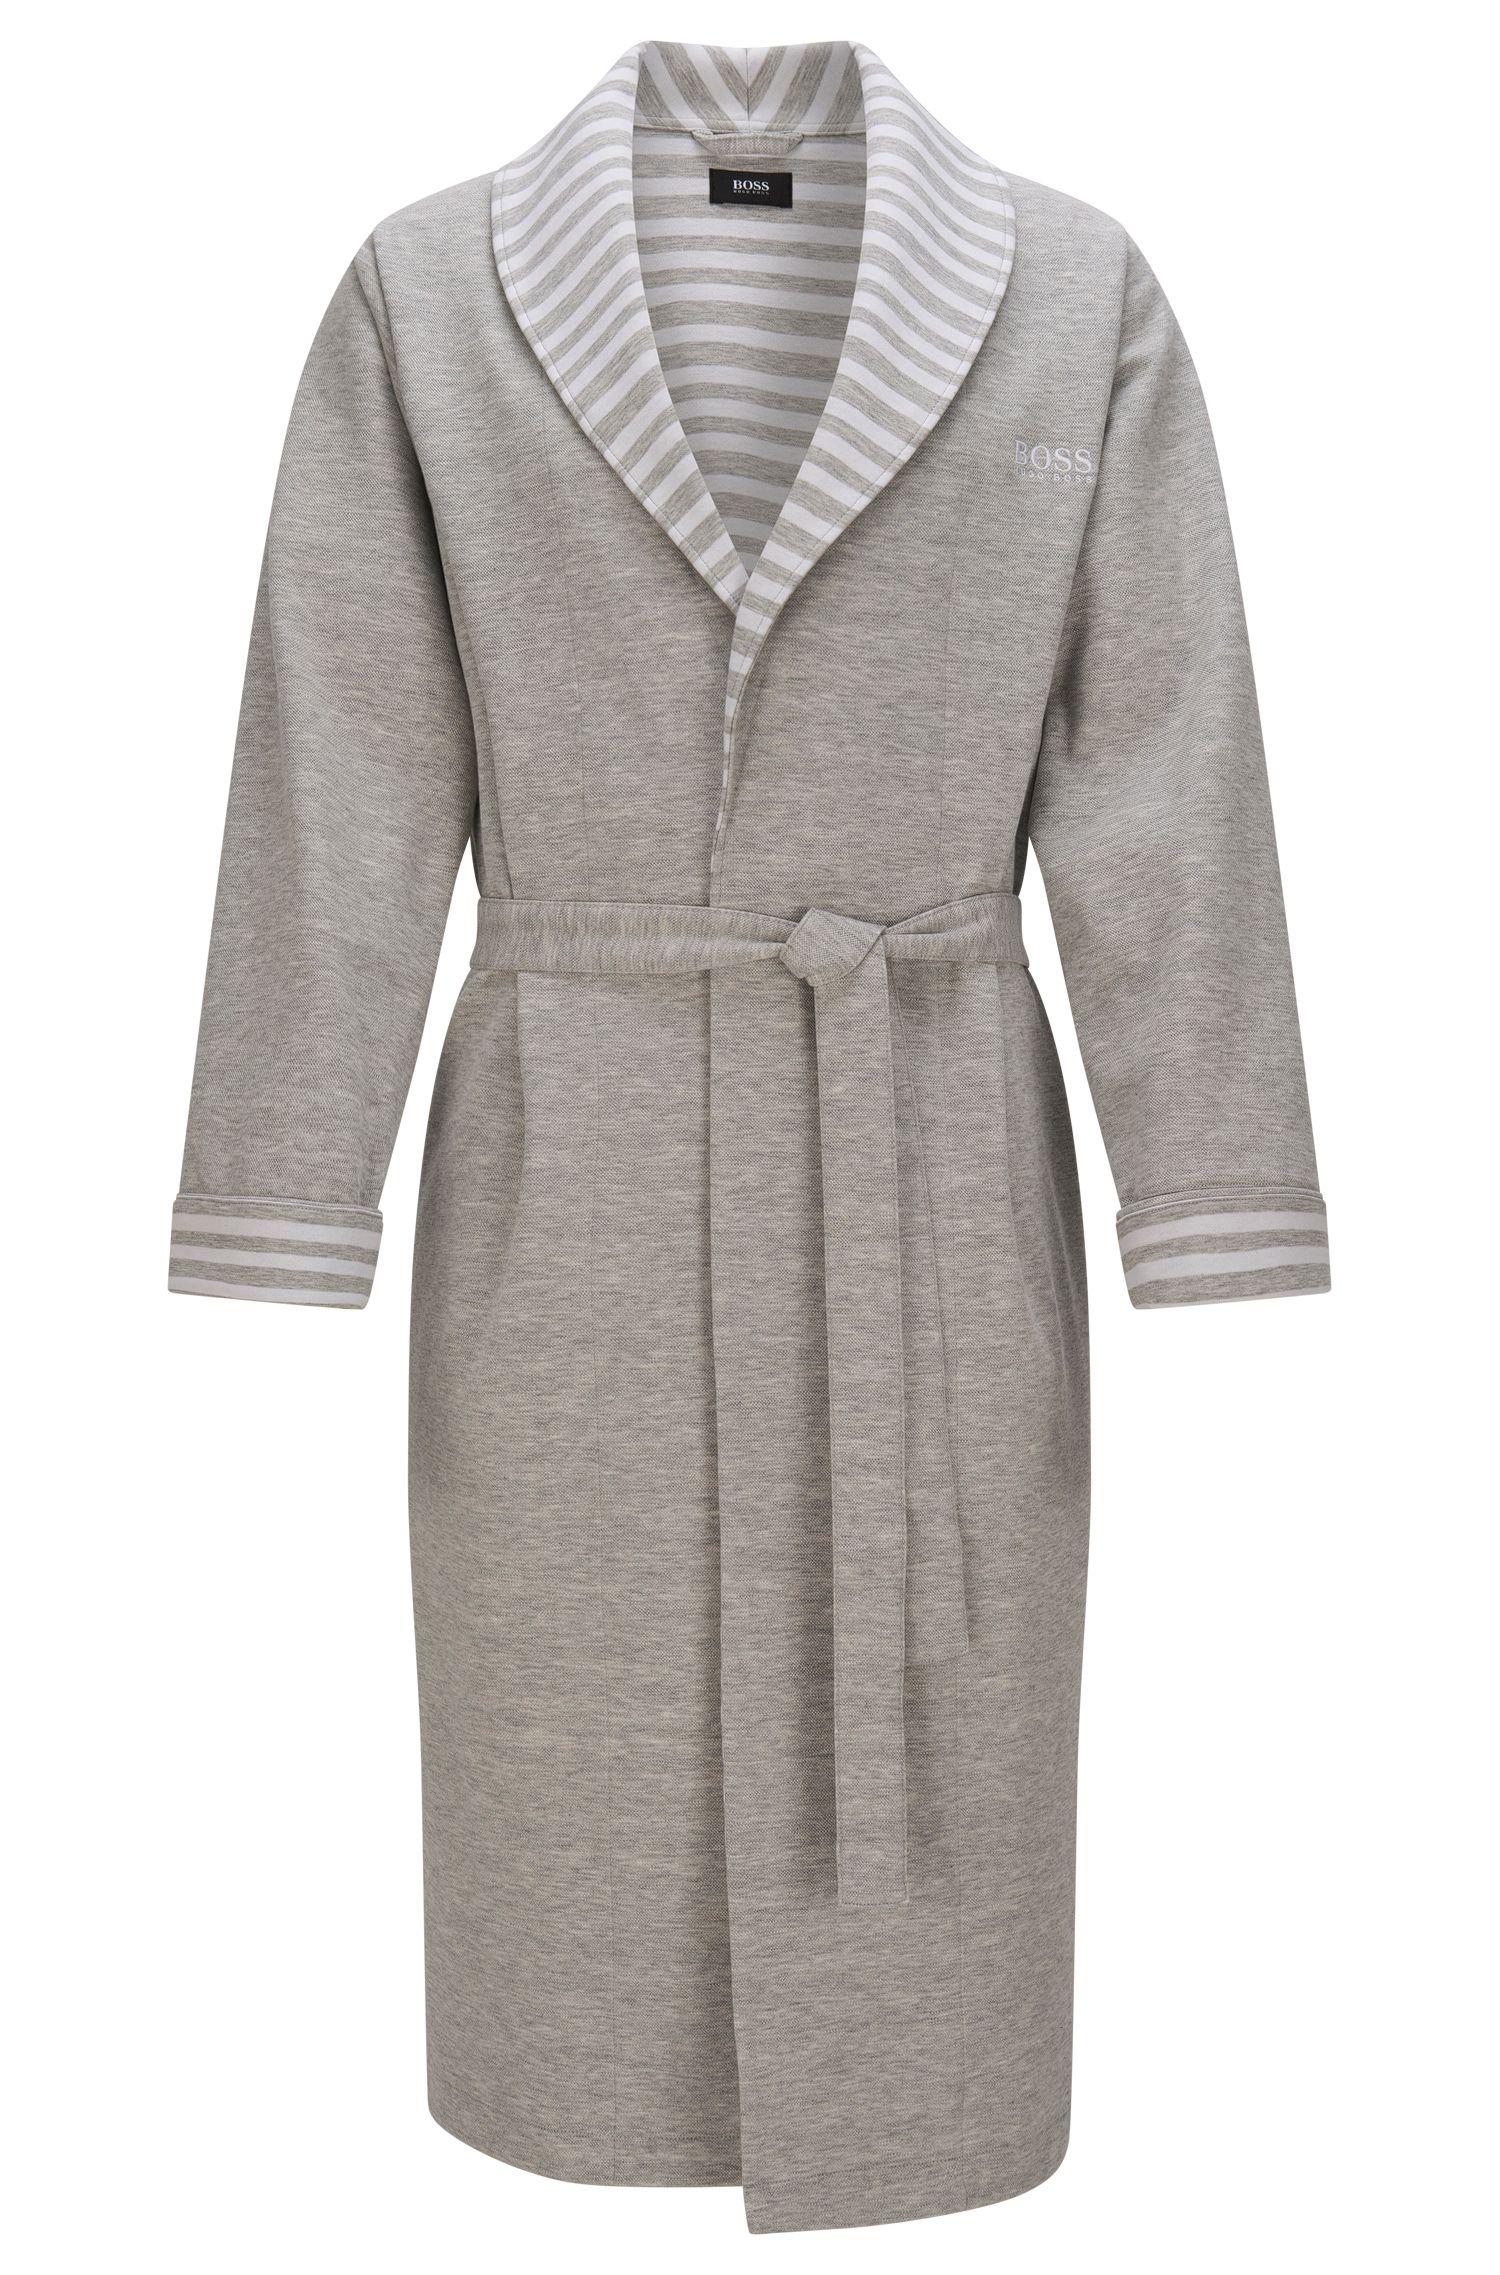 Batín en algodón elástico con detalles a rayas: 'Shawl Collar Robe'